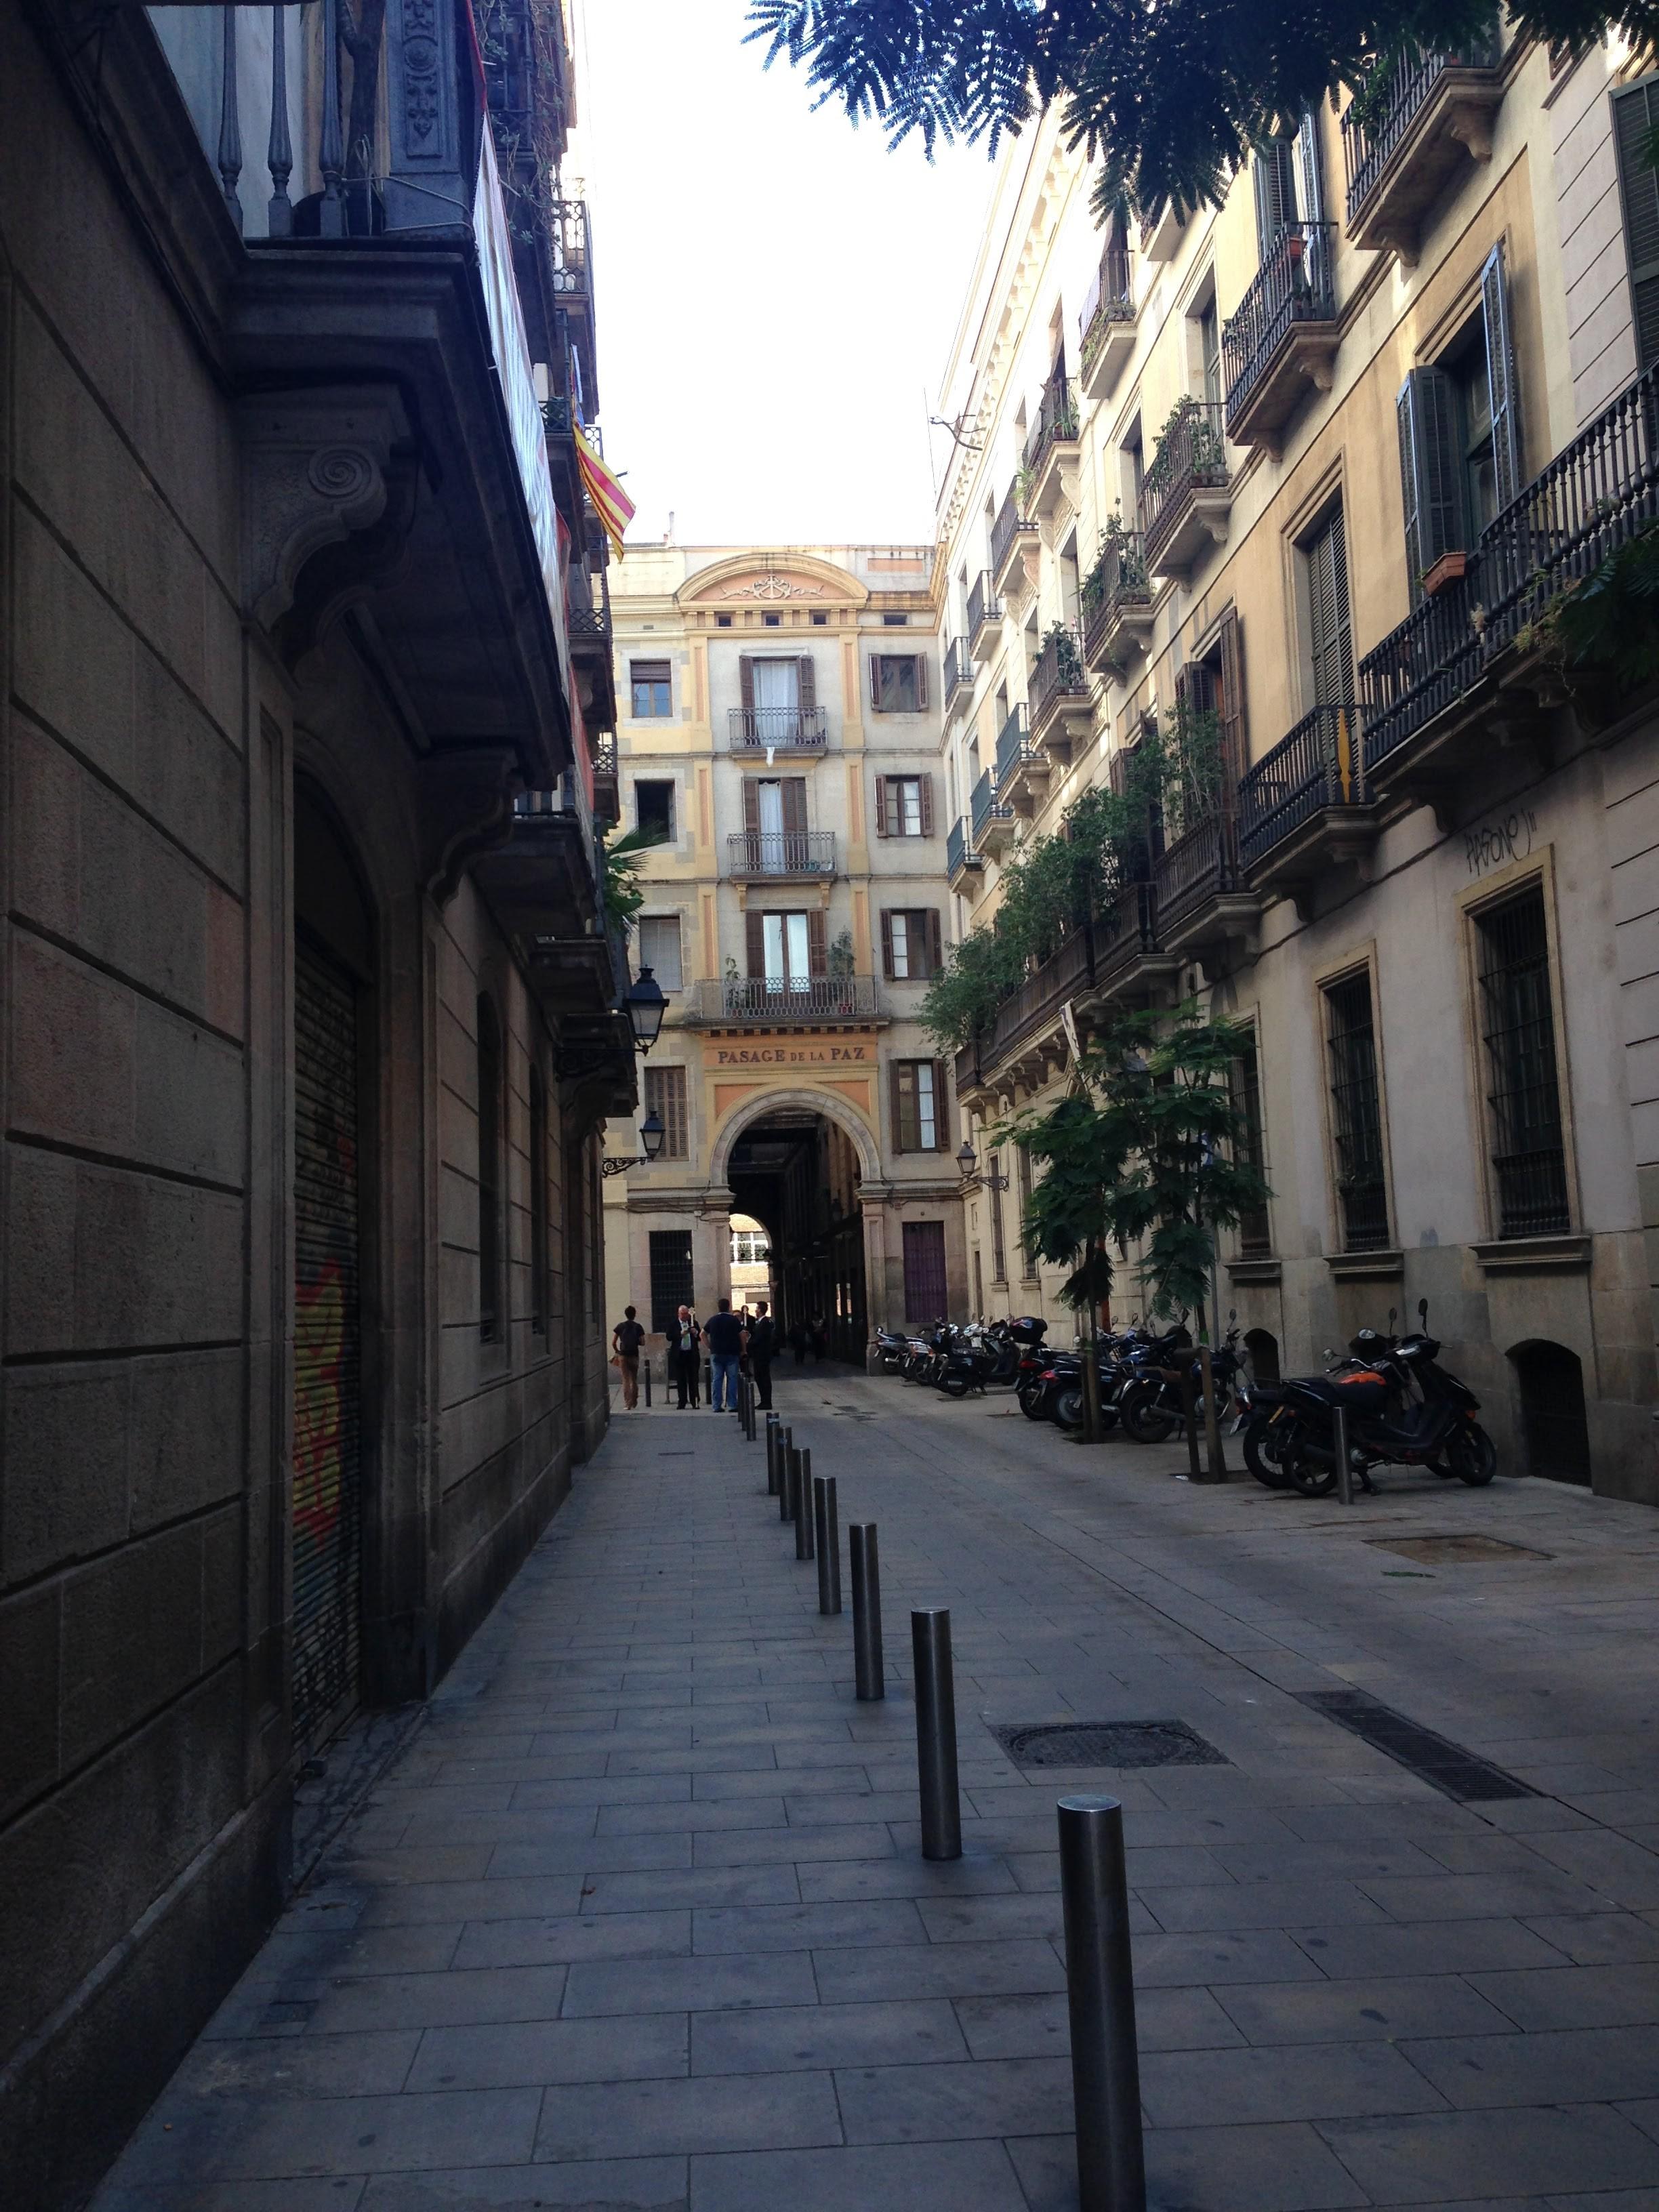 el-gotic-neighborhood-barcelona-spain-street-passage-de-la-paz